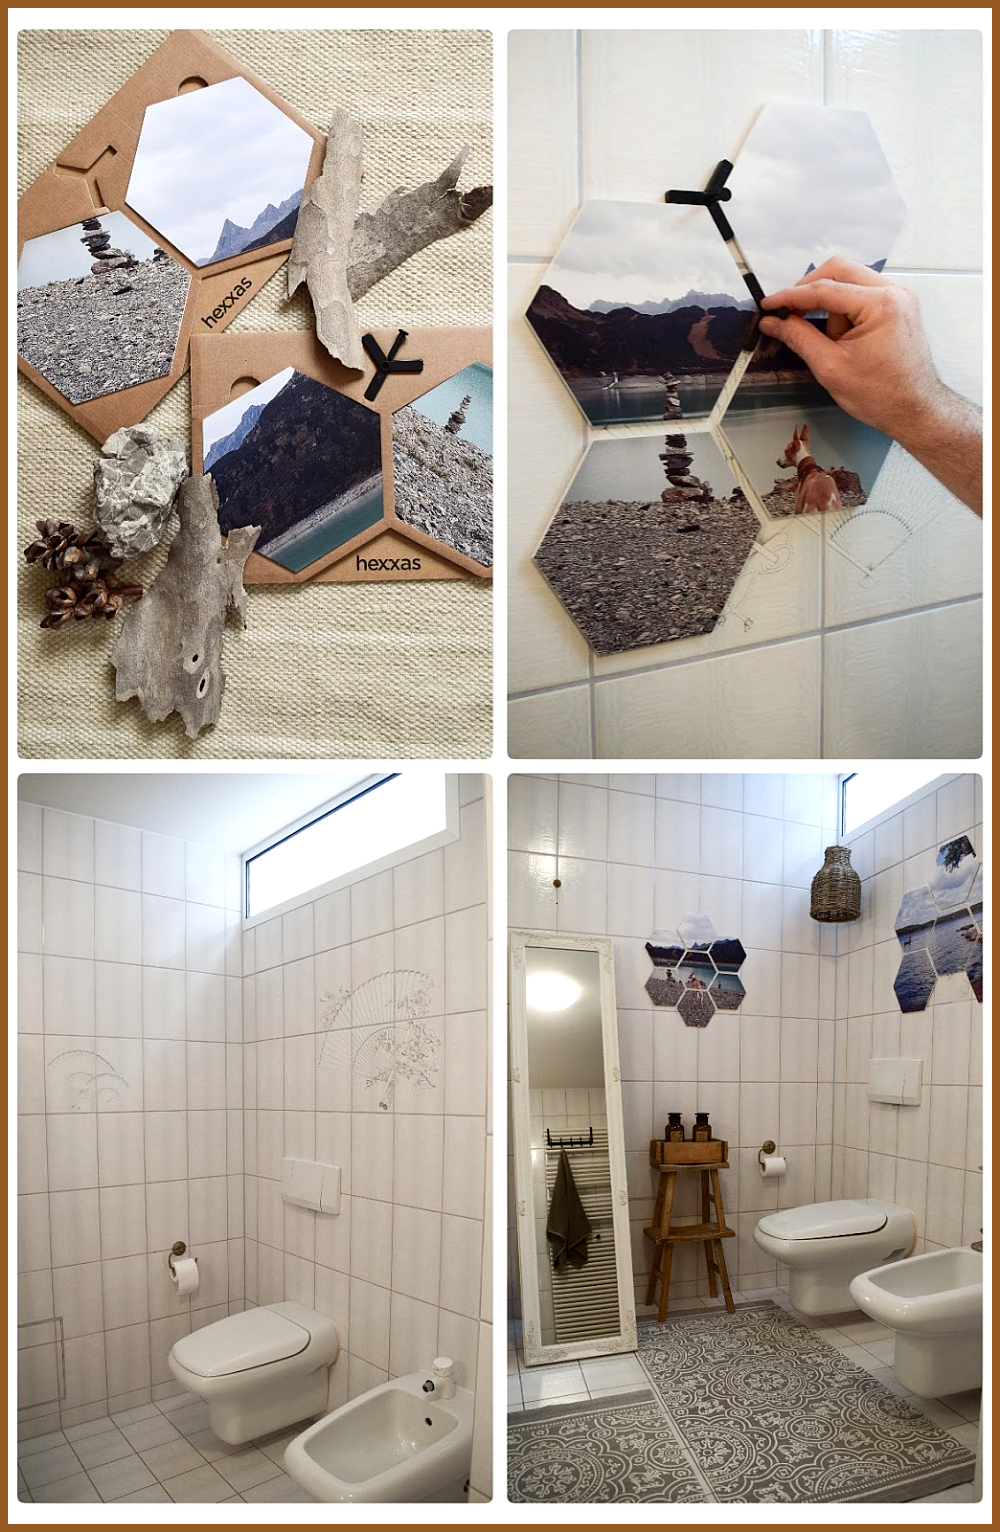 Badezimmer Ideen Wandgestaltung mit hexxas von Cewe Einfach Bild ausw hlen und an die Wand ...